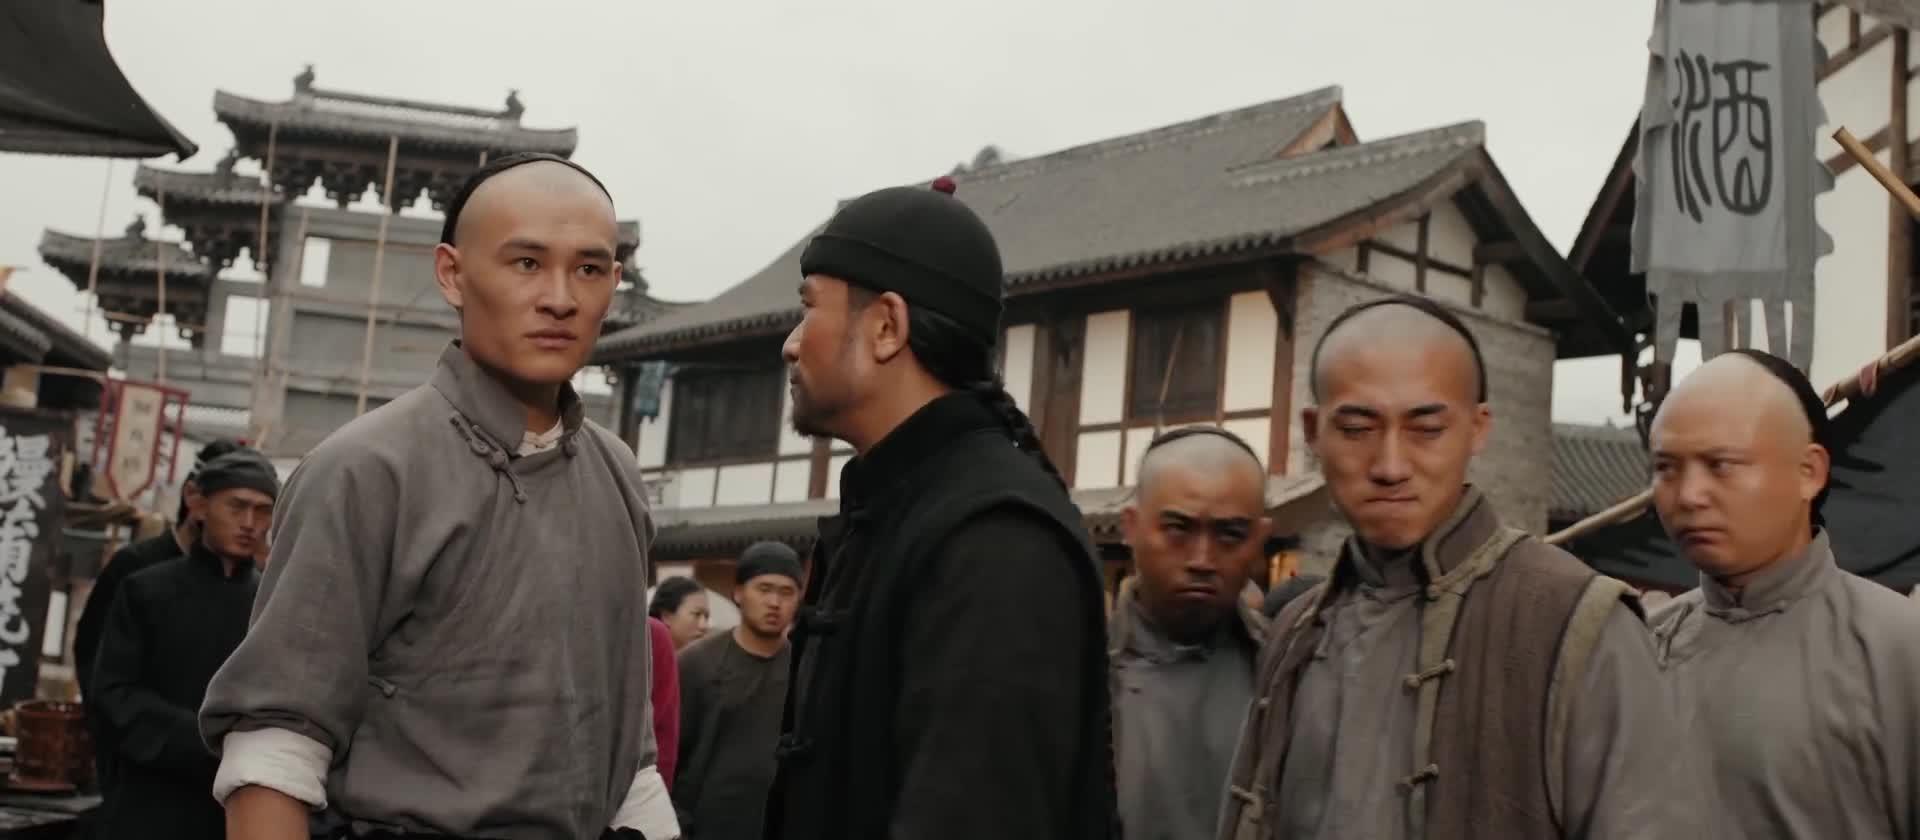 面对洋人的利用和威胁,吴镇南不得不和黄飞鸿展开激烈的一战